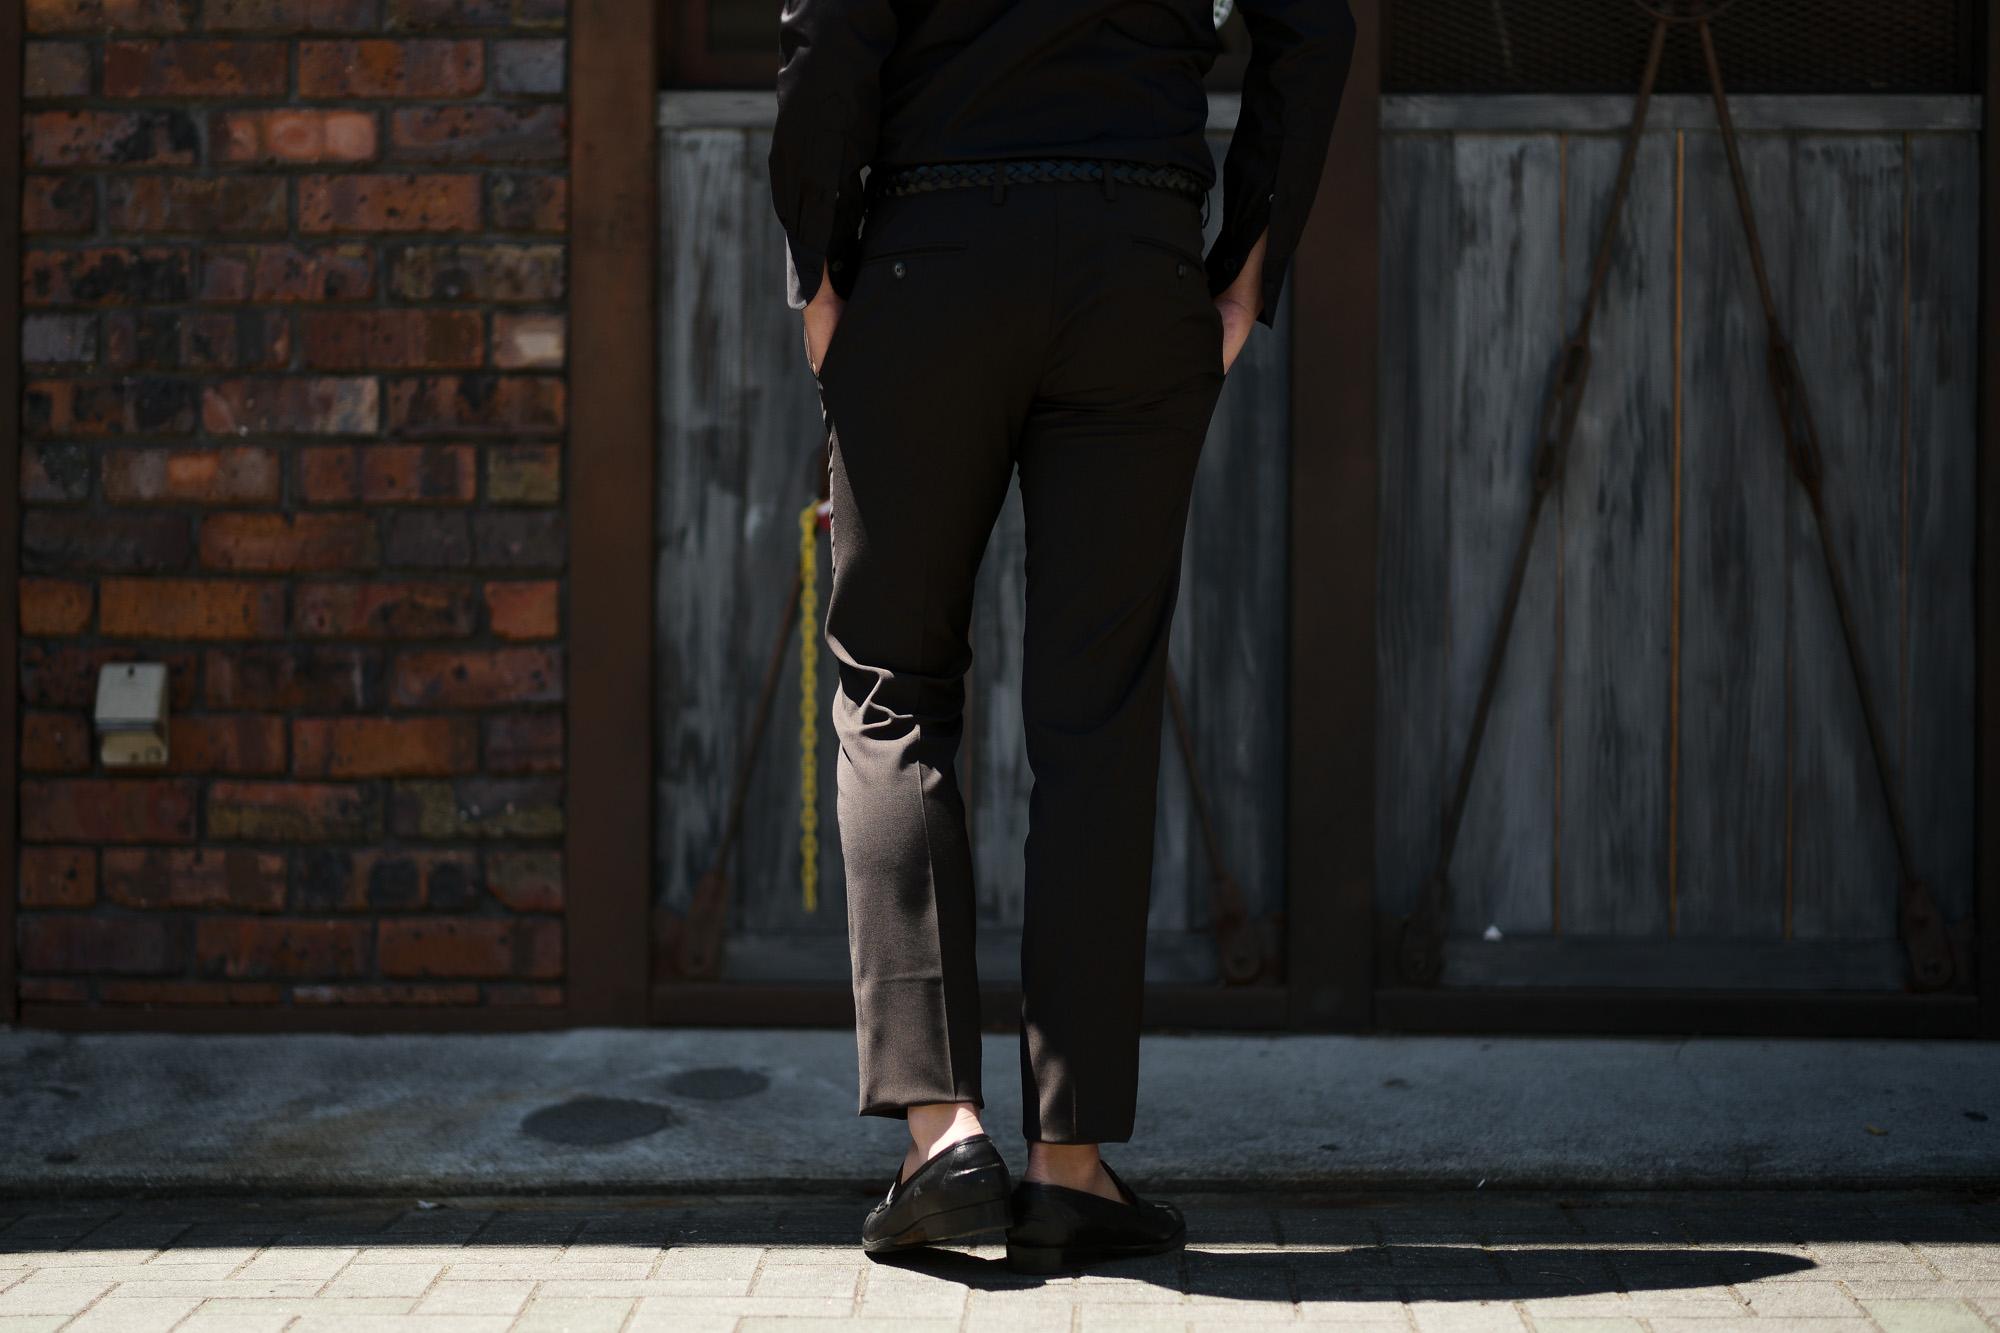 VIGANO (ヴィガーノ) WASHABLE SLACKS (ウォッシャブル スラックス) ウォッシャブル トロピカルウール テーパード ワンプリーツ パンツ BROWN (ブラウン・386) 2019 春夏新作 スラックス グレスラ altoediritt 名古屋 愛知 アルトエデリット